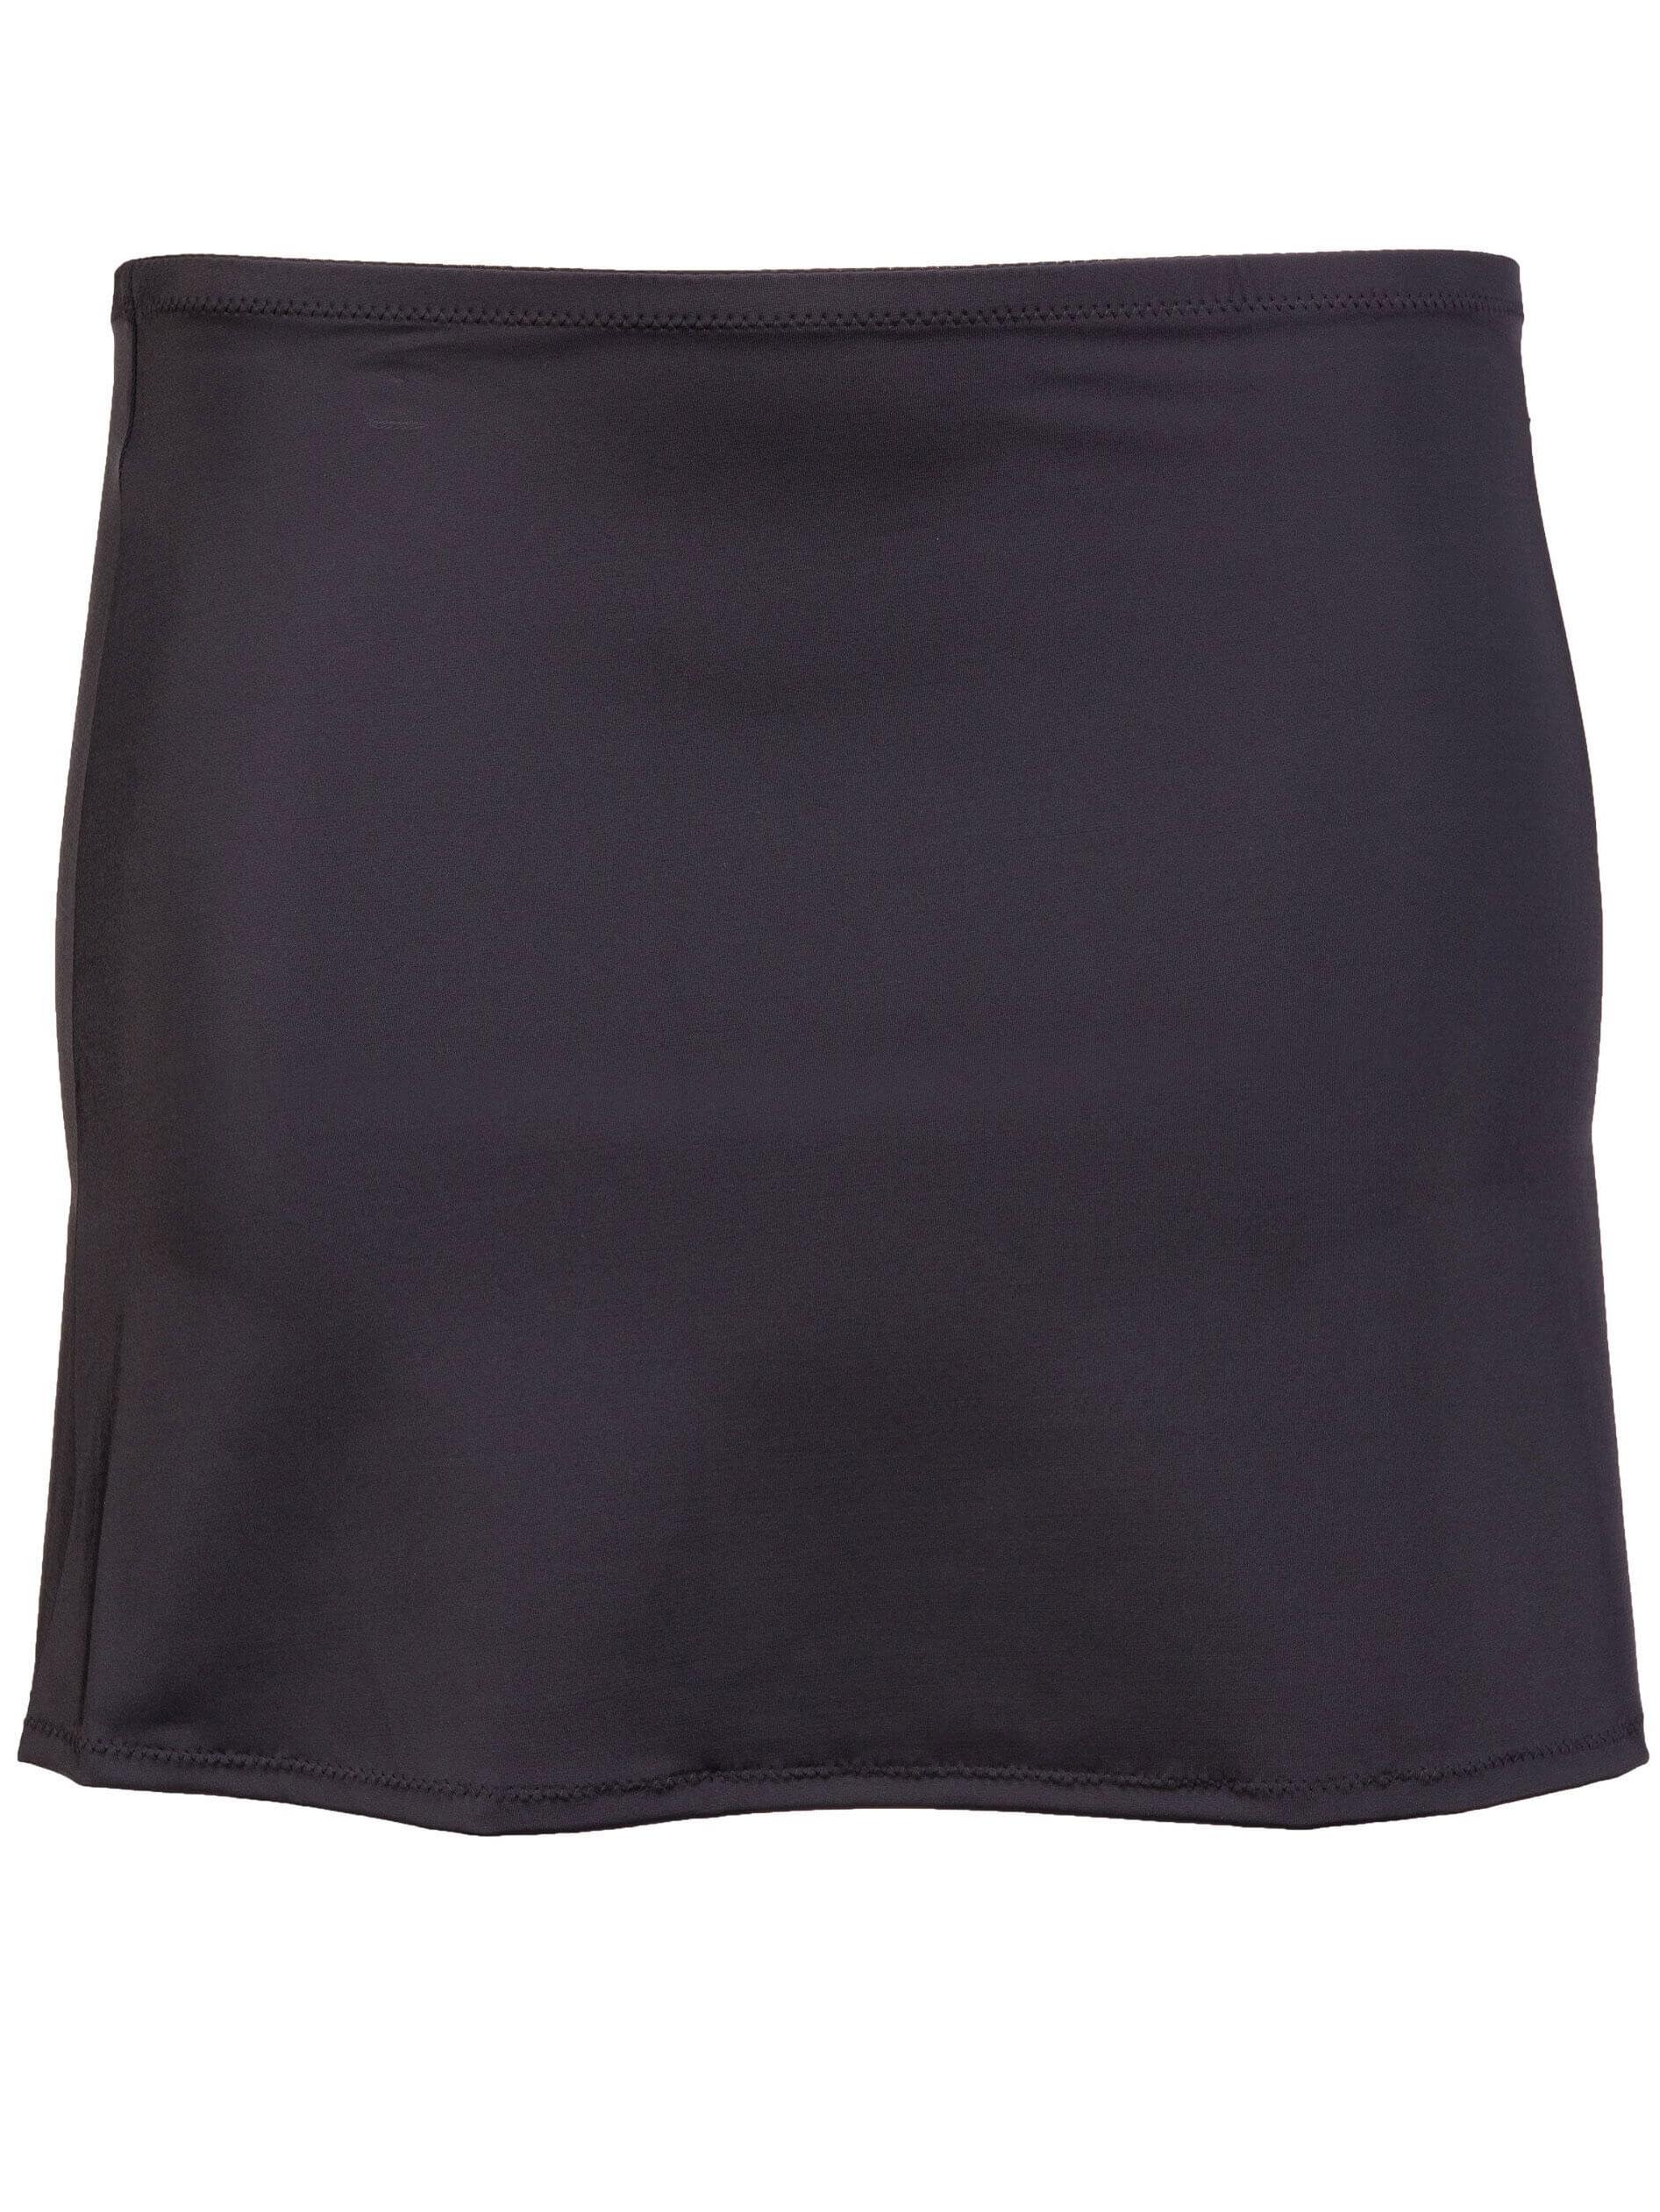 Plaisir klassisk sort bade nederdel, 54-56